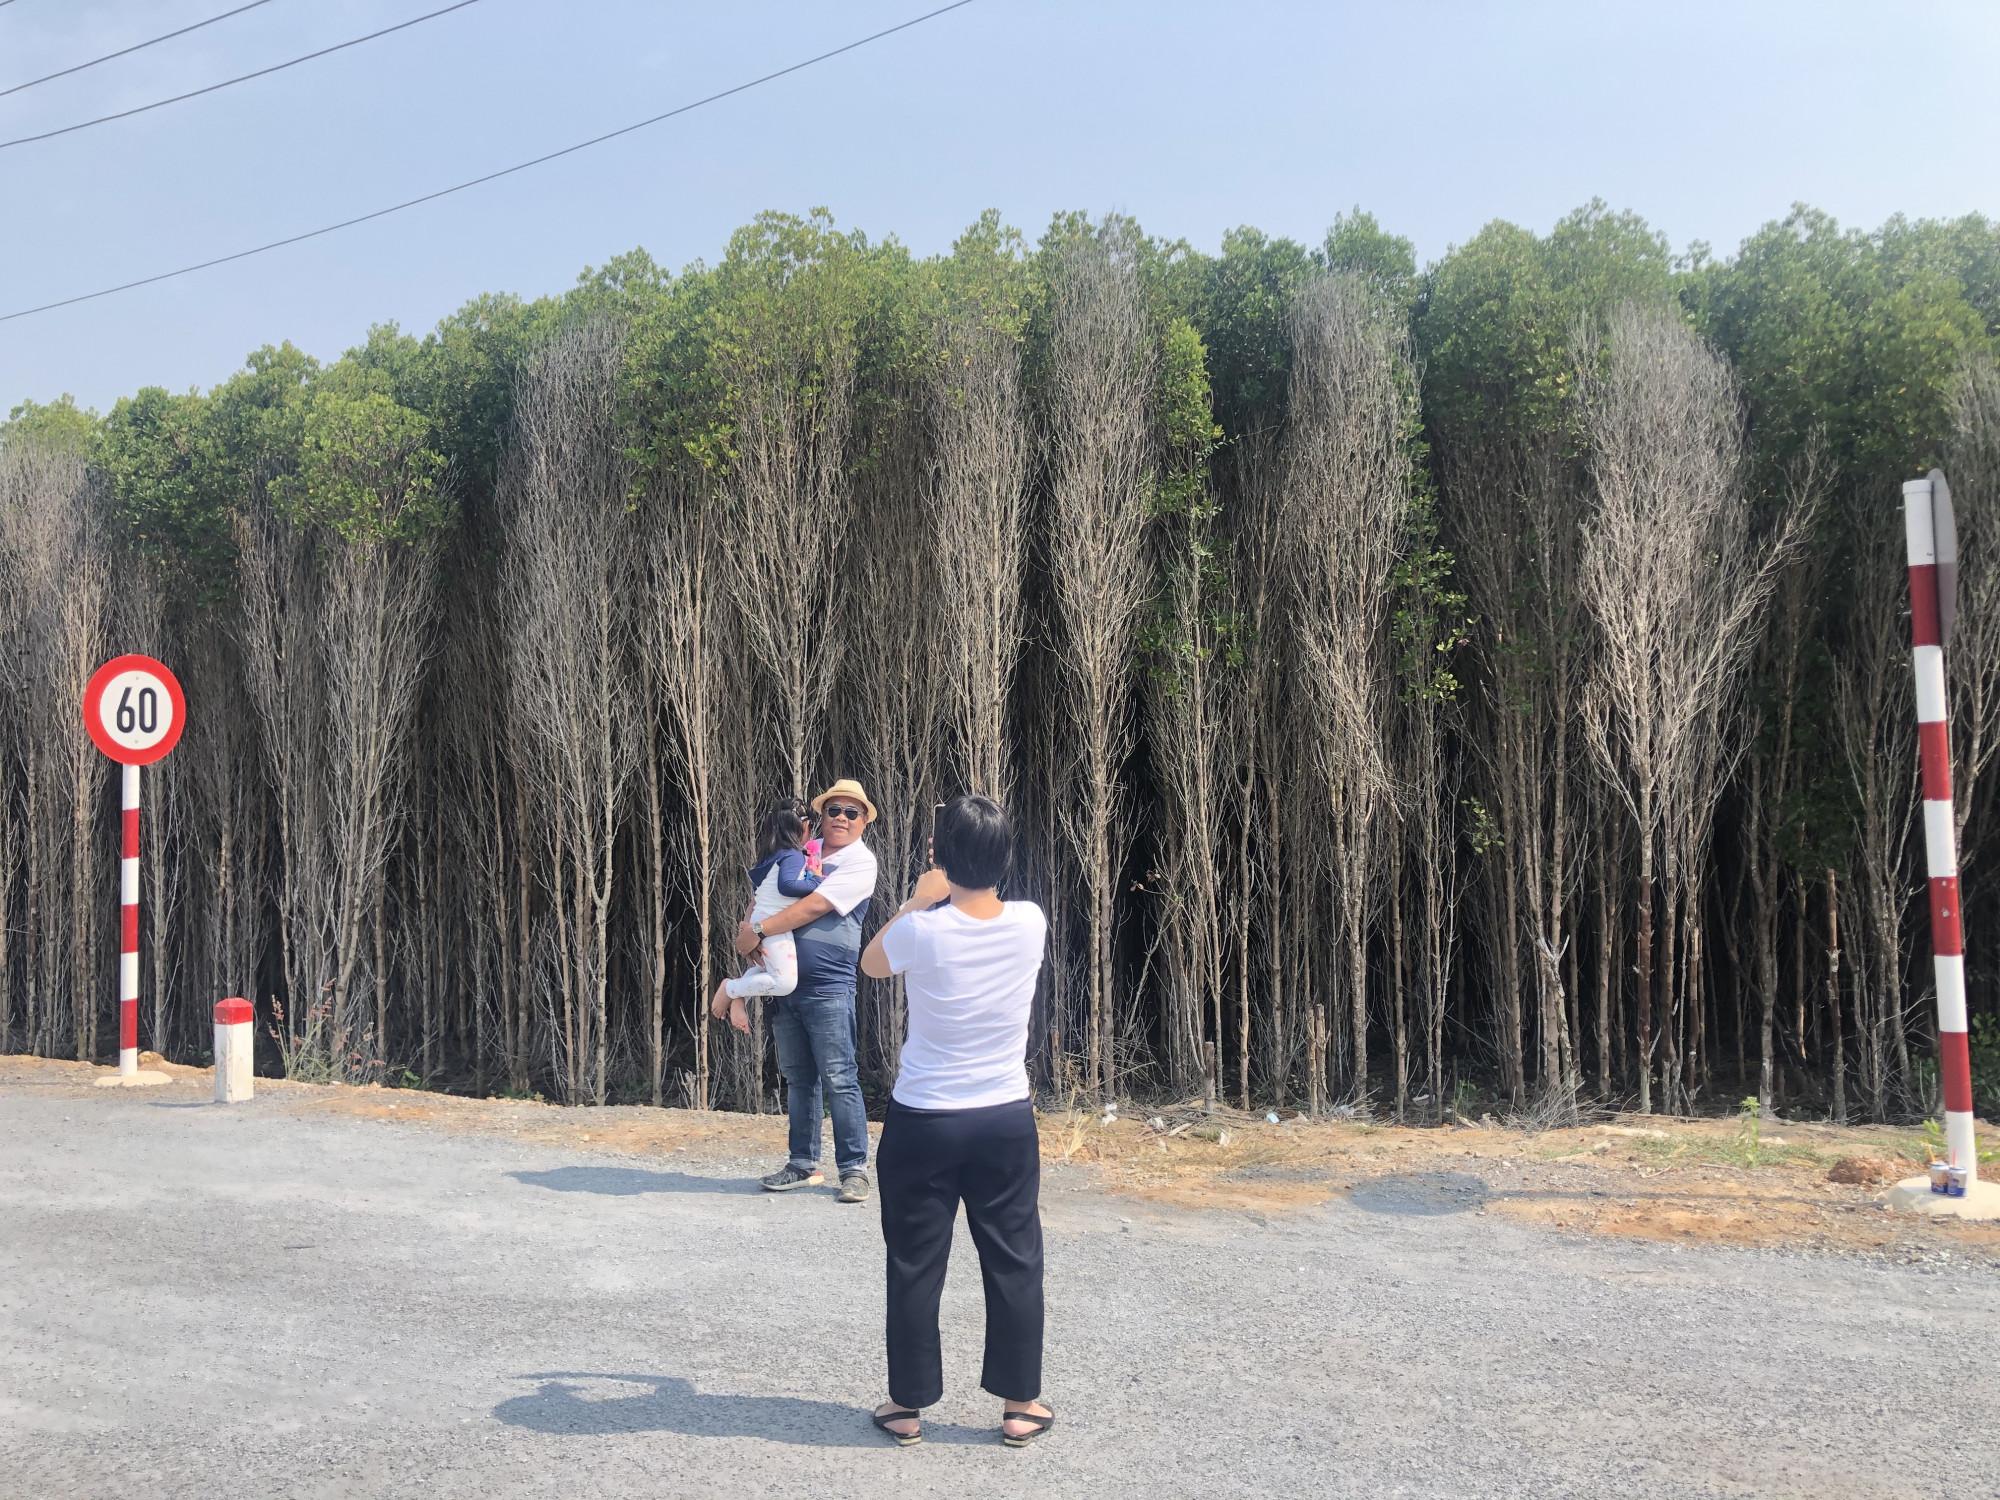 Những cánh rừng ngập mặn đẹp như tranh được người dân từ trung tâm TPHCM trầm trồ